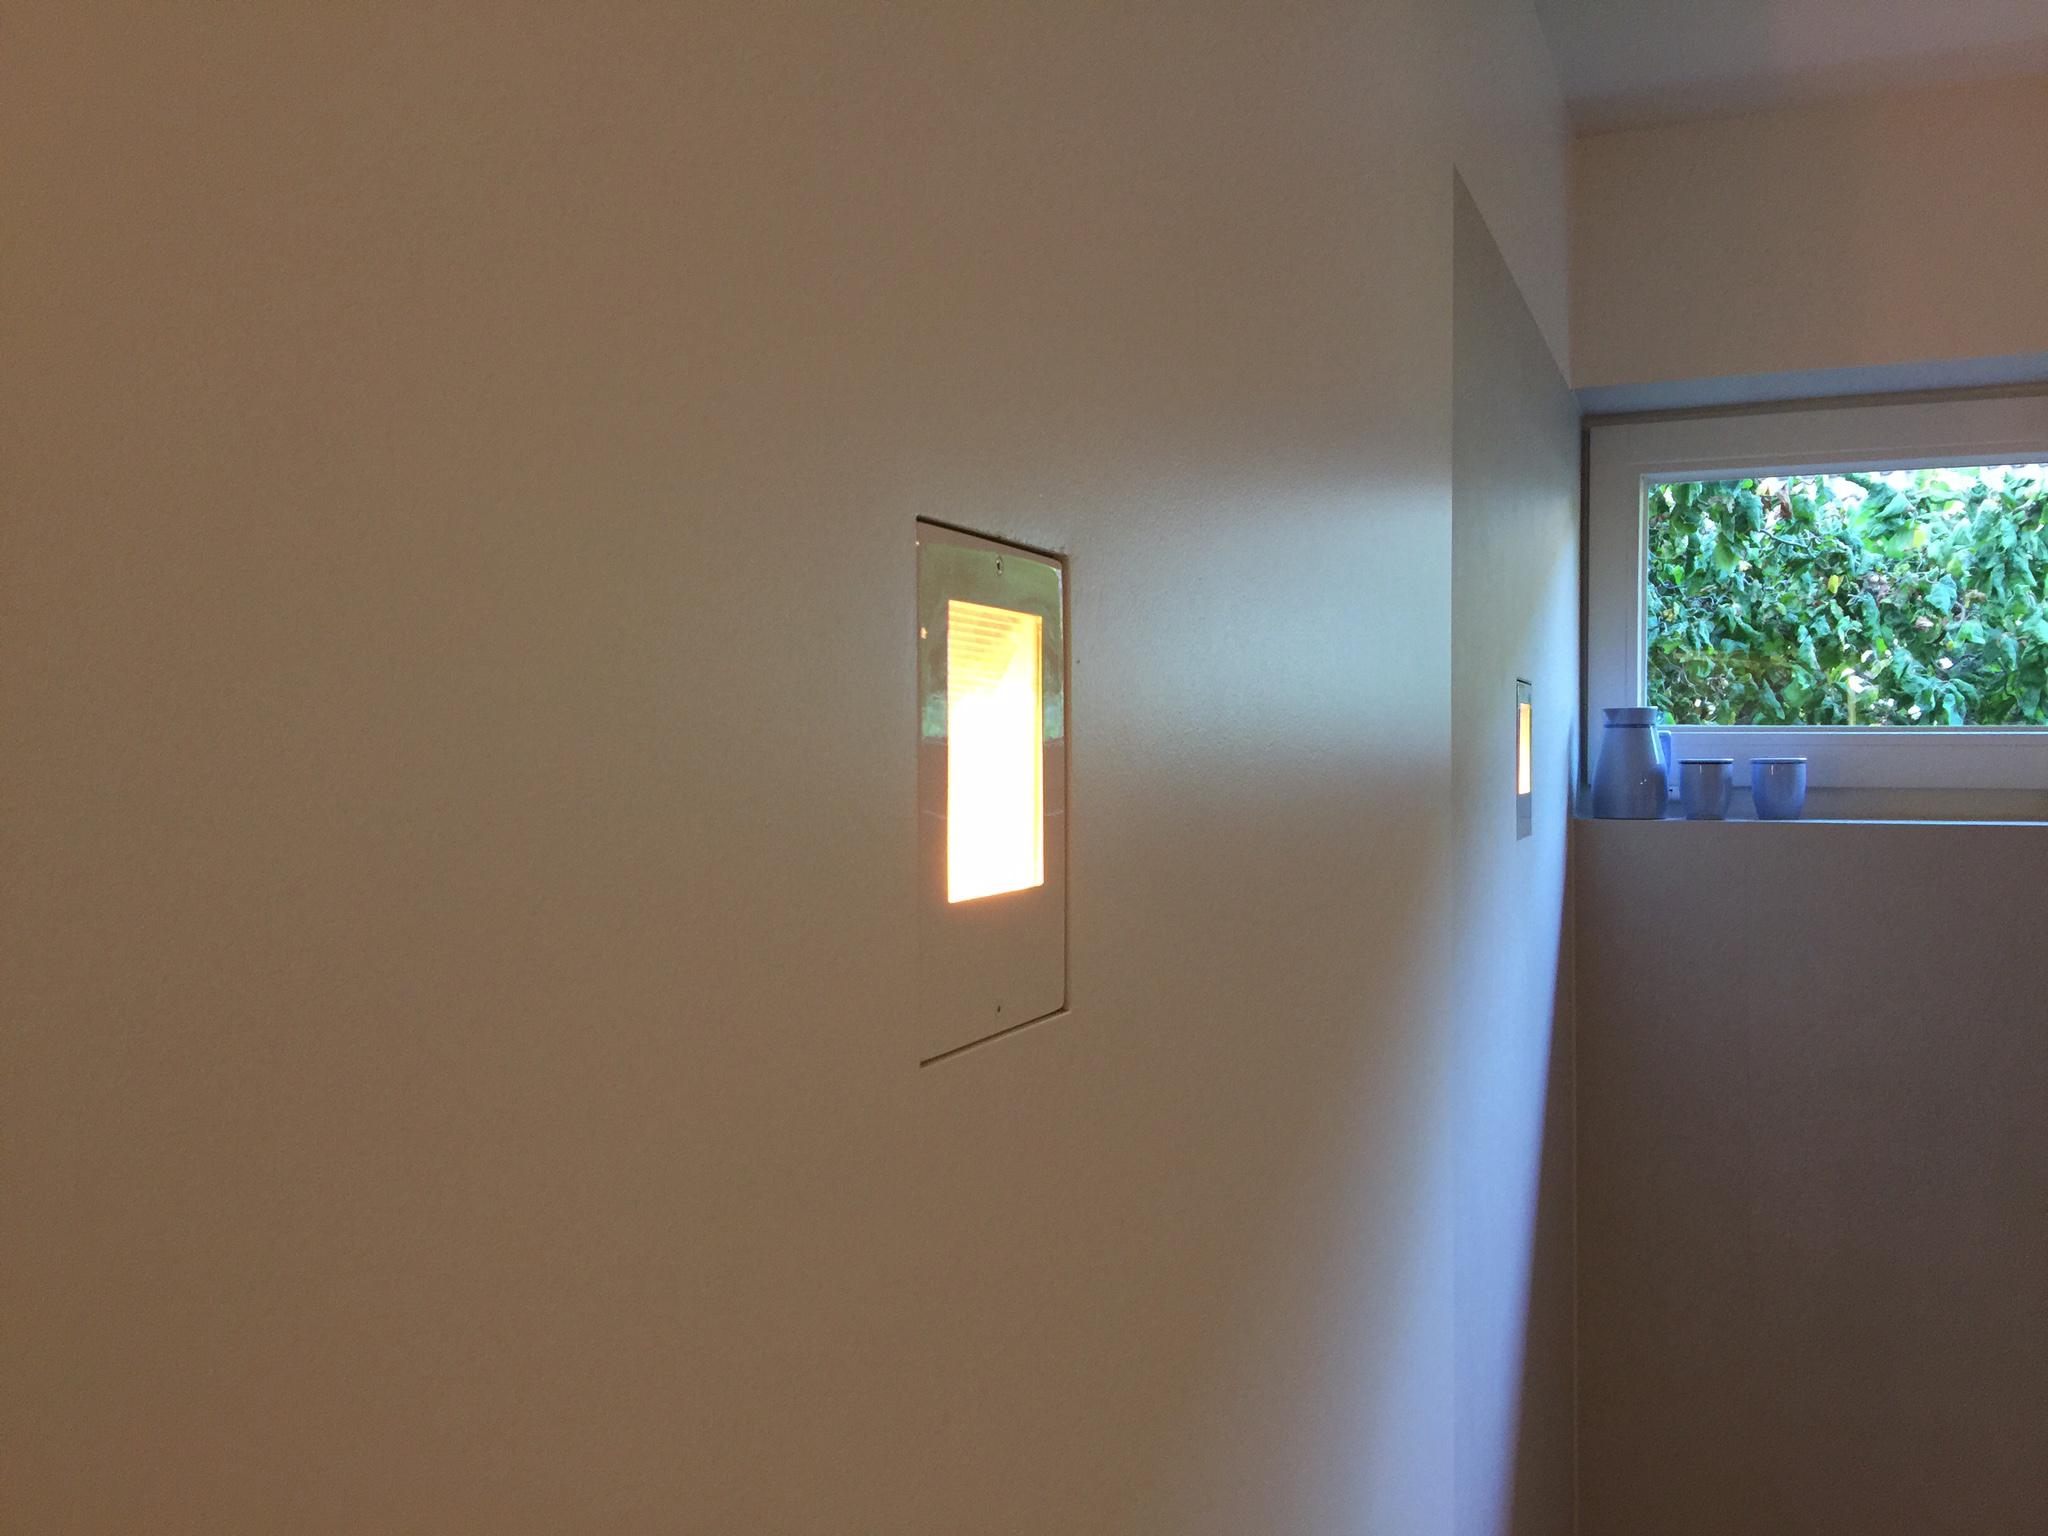 Emmen badkamer - Paul Rattink Verlichting